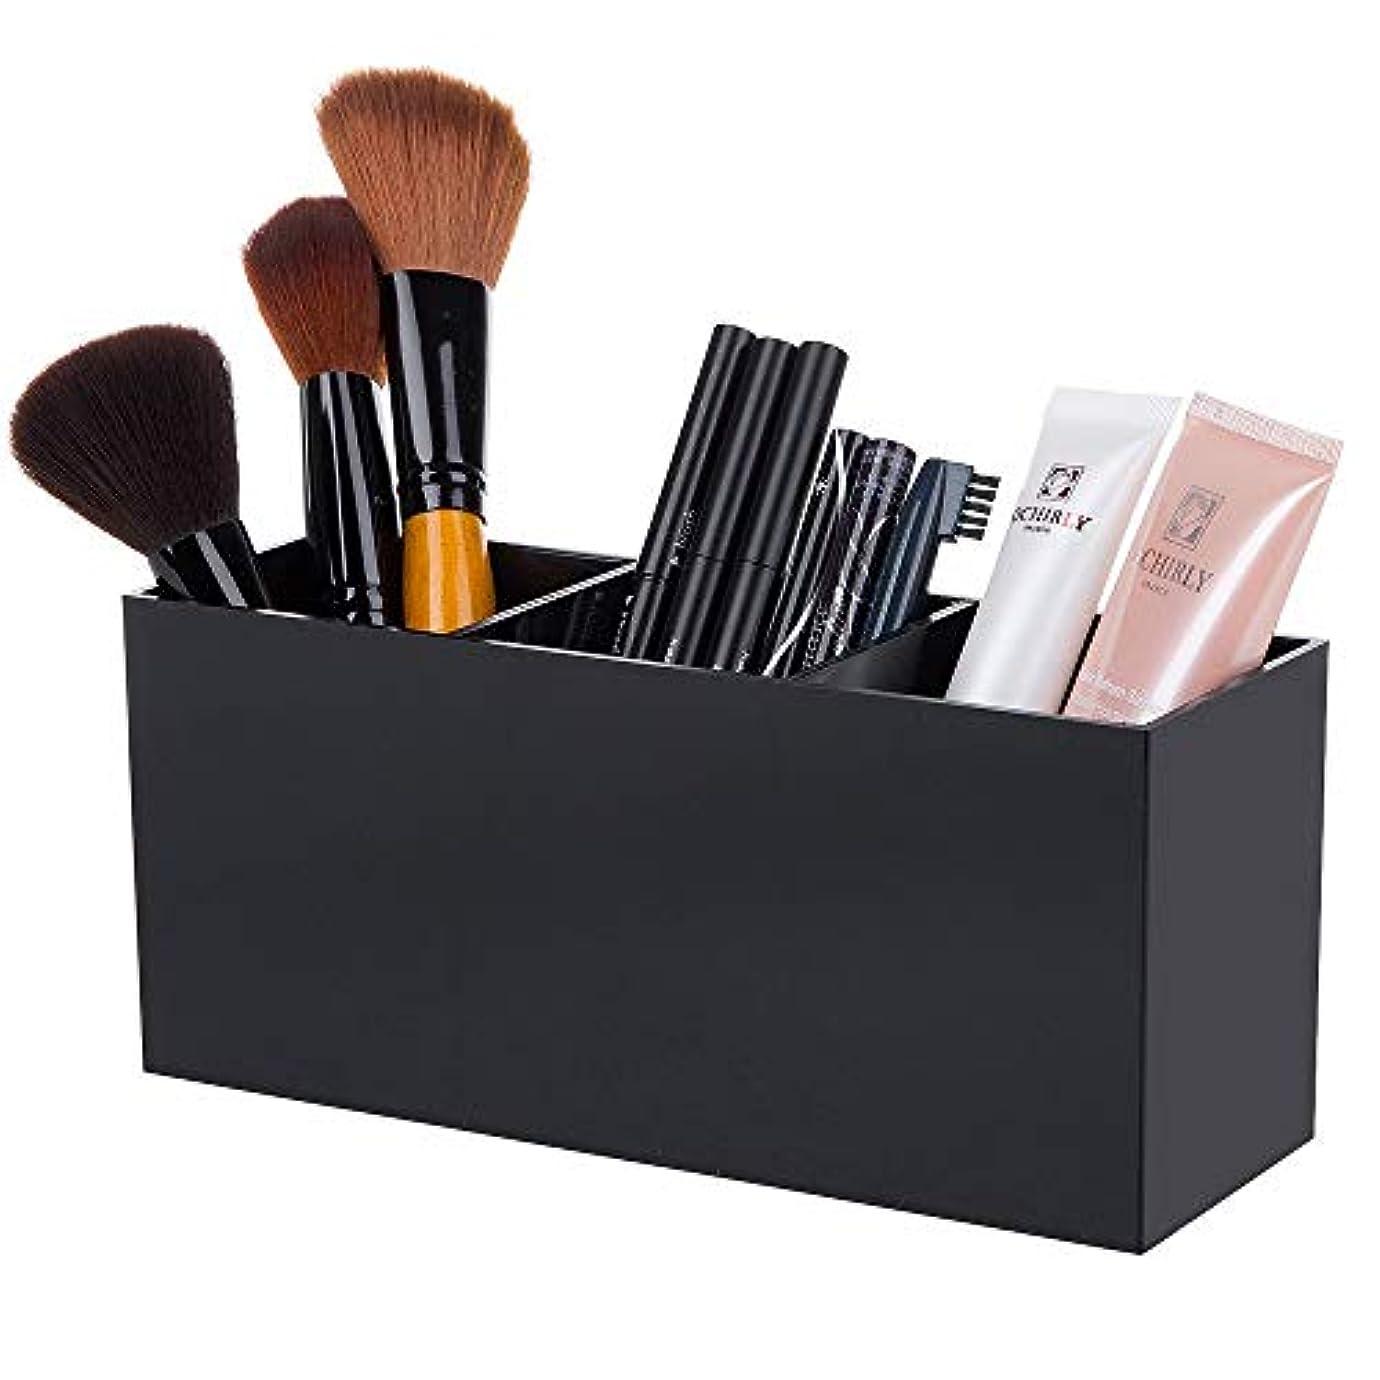 民兵名誉イルLUGUNU メイクブラシ 収納ケース 仕切り付き 化粧筆収納ボックス アクリルケース メイク道具 小物収納 ドレッサーの引き出しにも (ブラック)